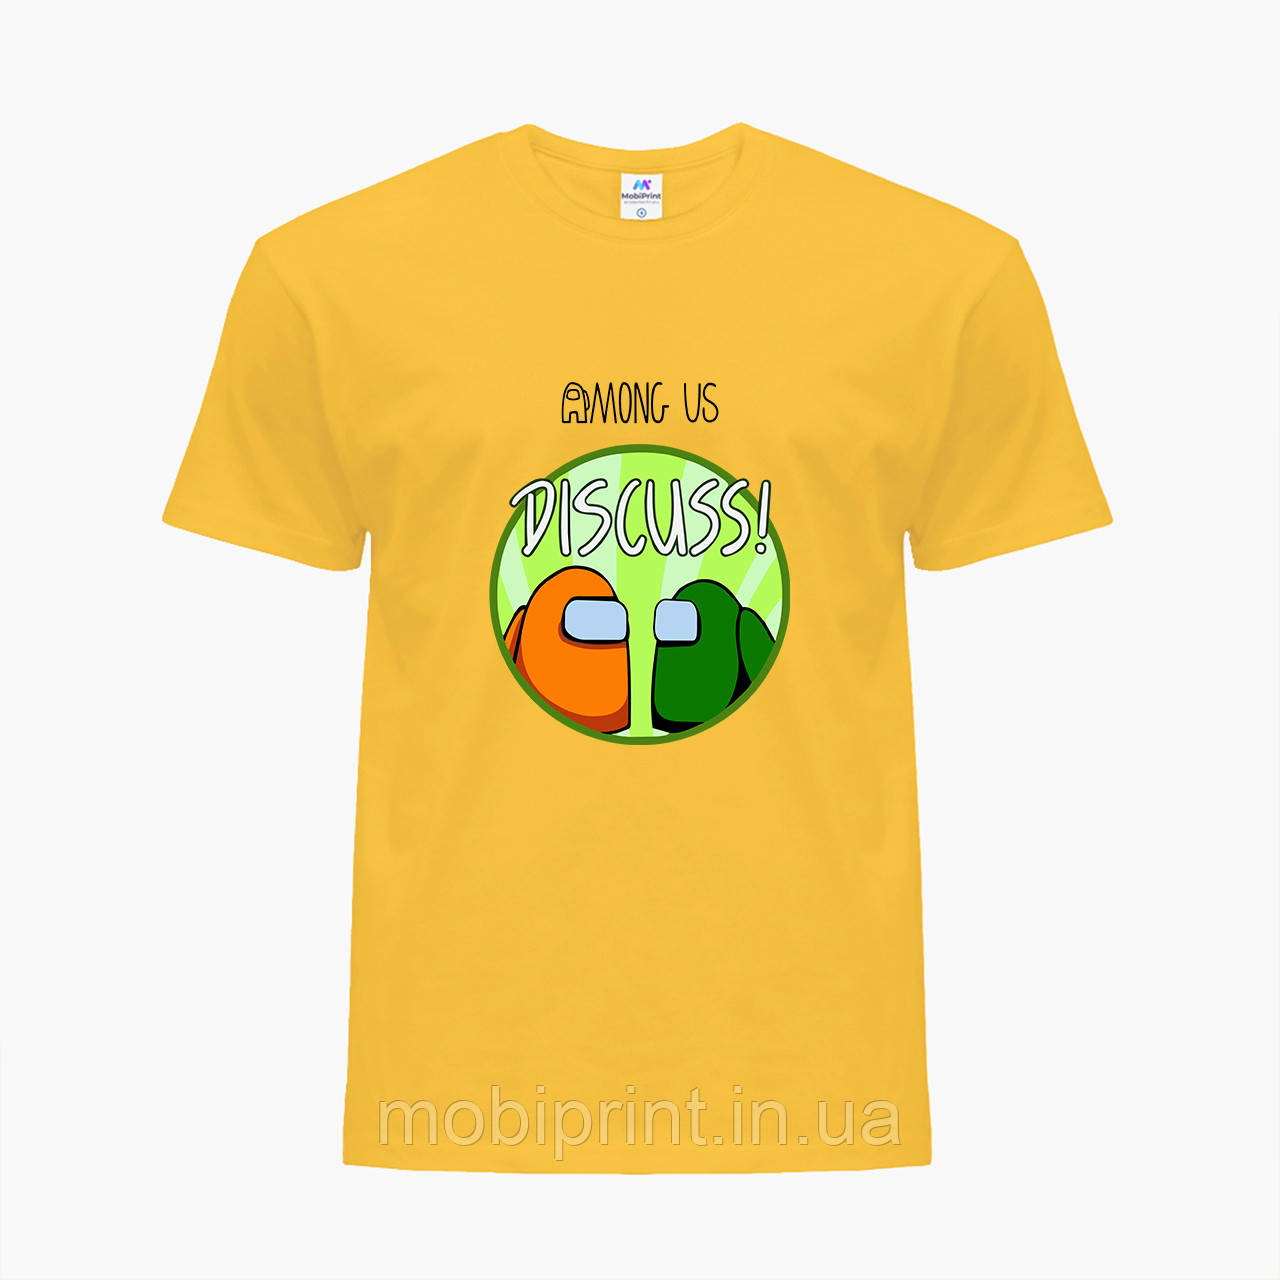 Детская футболка для мальчиков Амонг Ас (Among Us) (25186-2588) Желтый